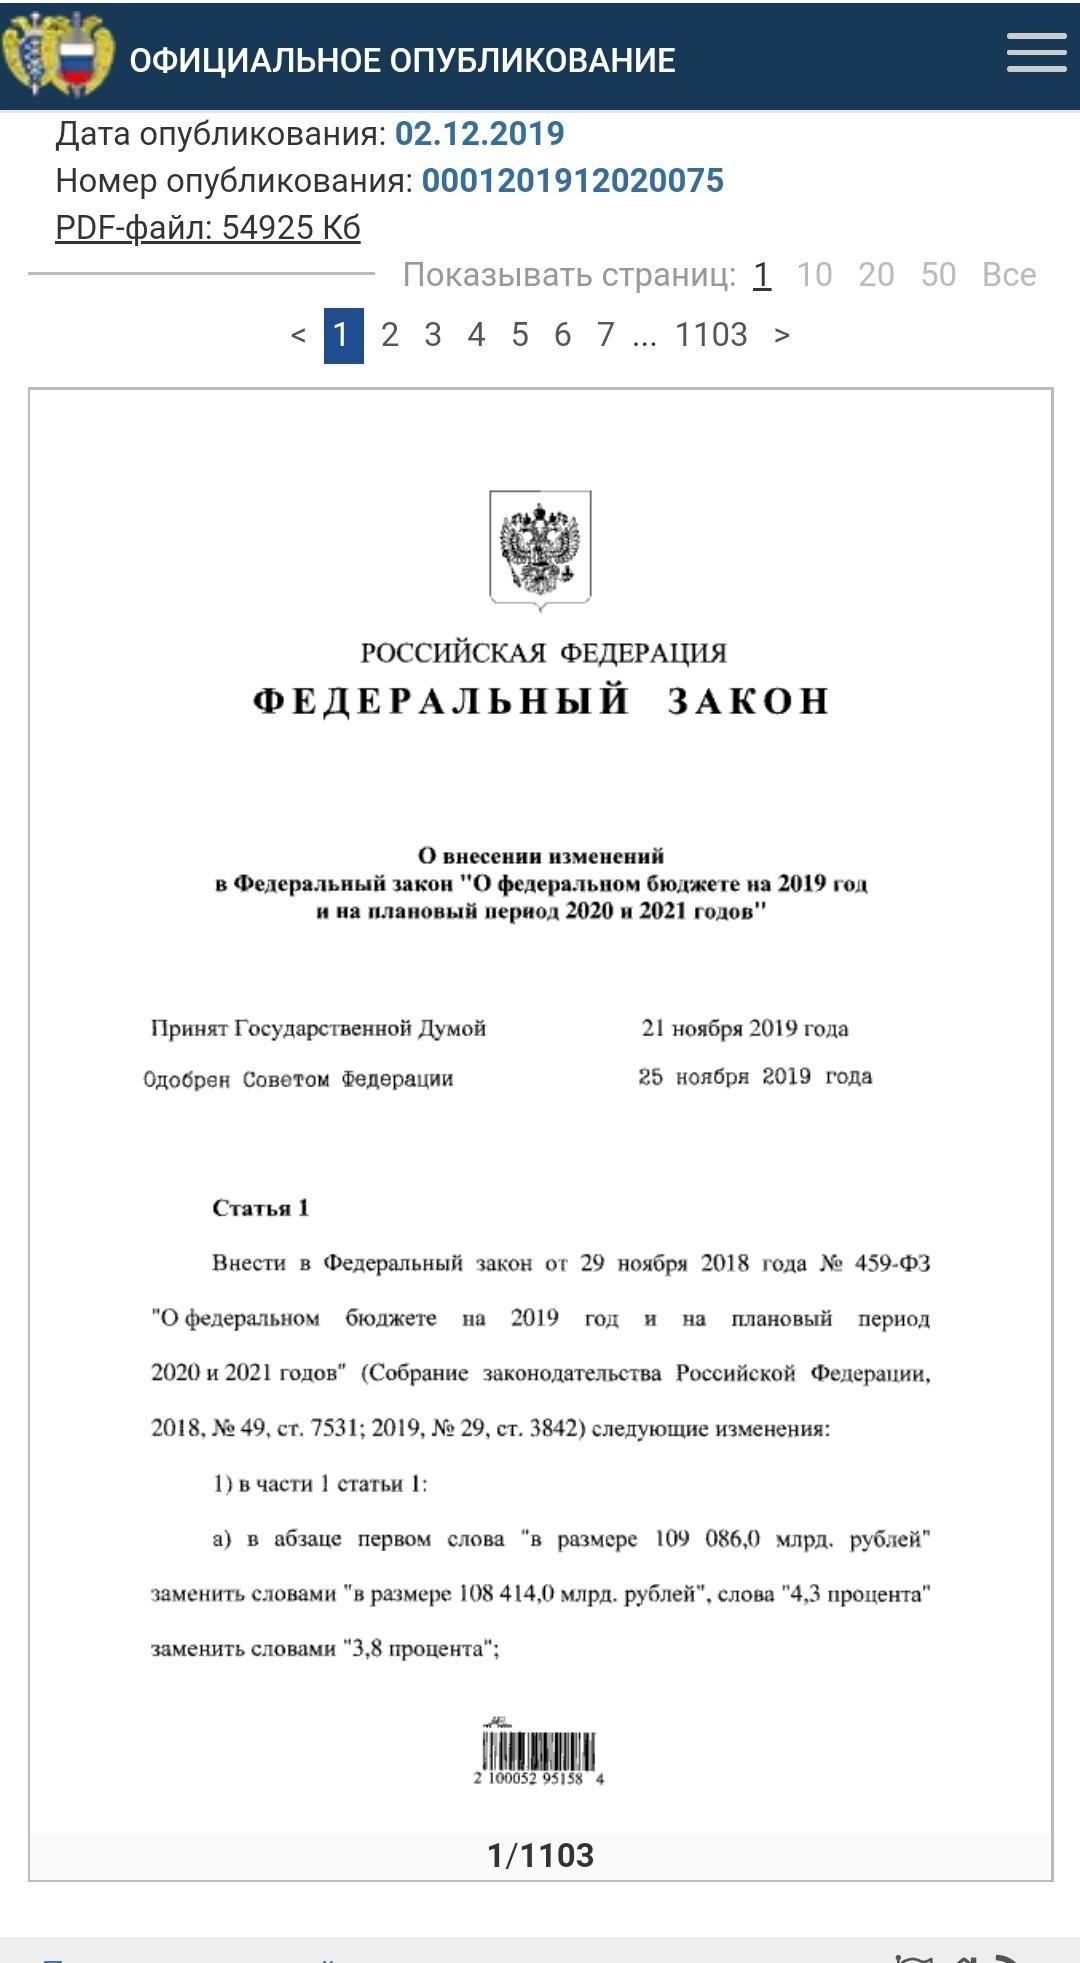 Как заказать техпаспорт на квартиру Тихомирова Н.В.